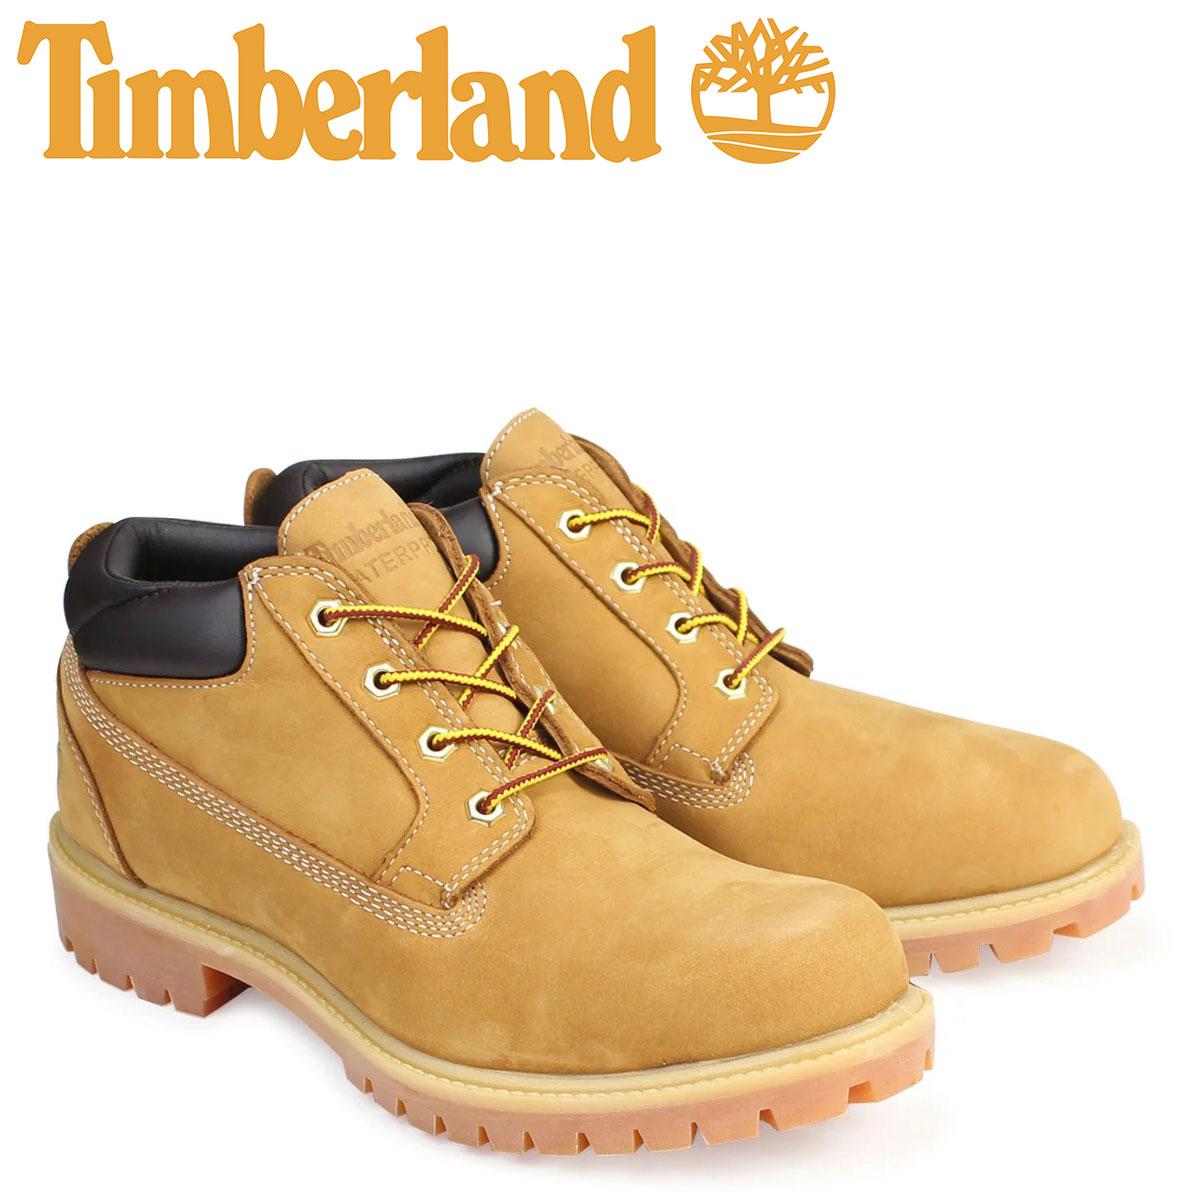 ティンバーランド ブーツ メンズ Timberland オックスフォード PREMIUM WATERPLOOF OXFORD 73538 Wワイズ プレミアム ウィート 防水 [3/14 追加入荷]